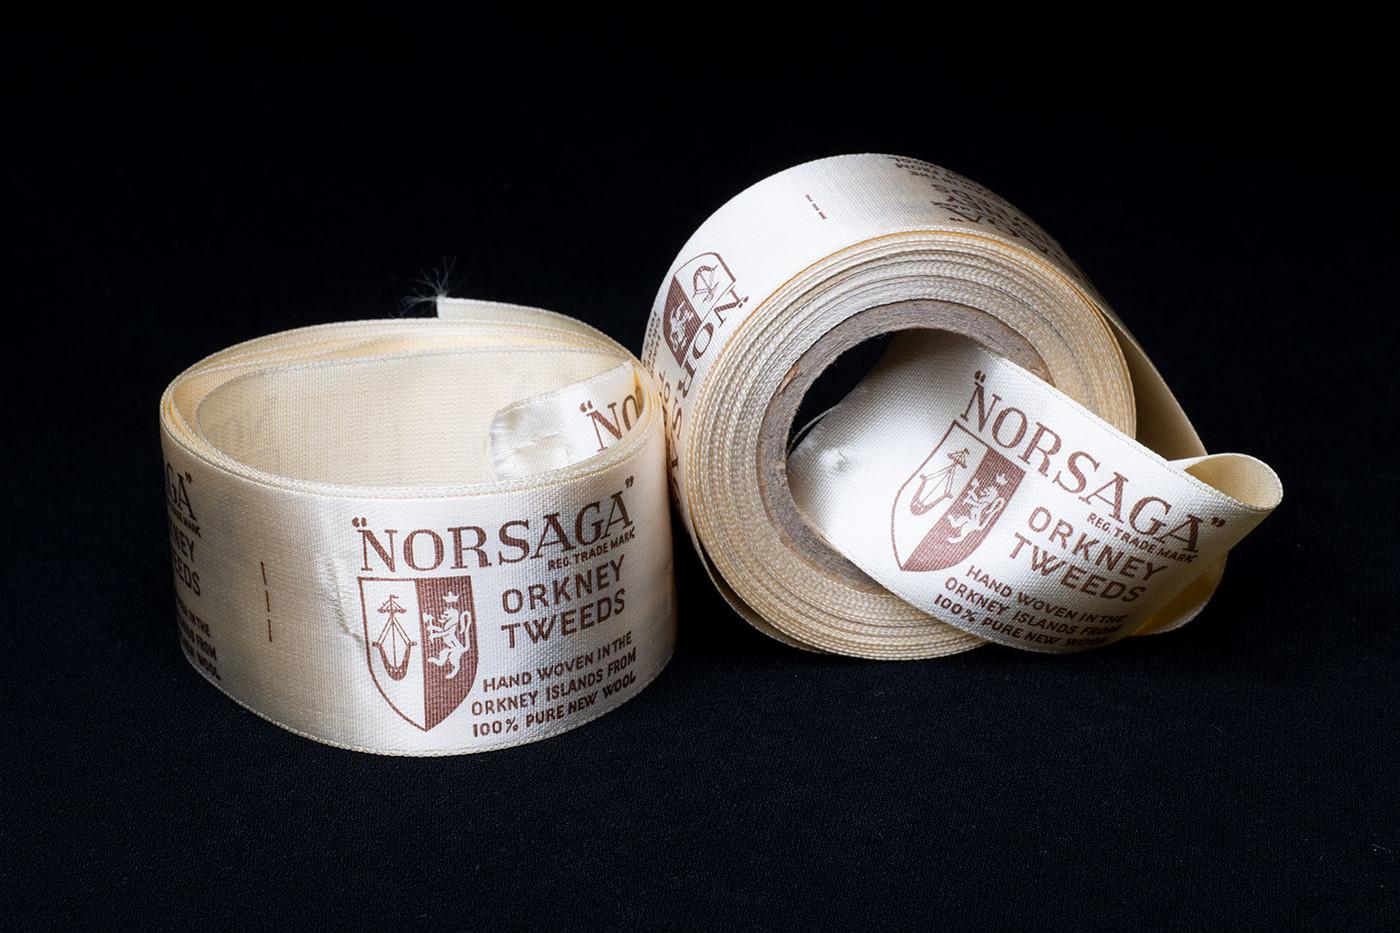 Norsaga Tweed